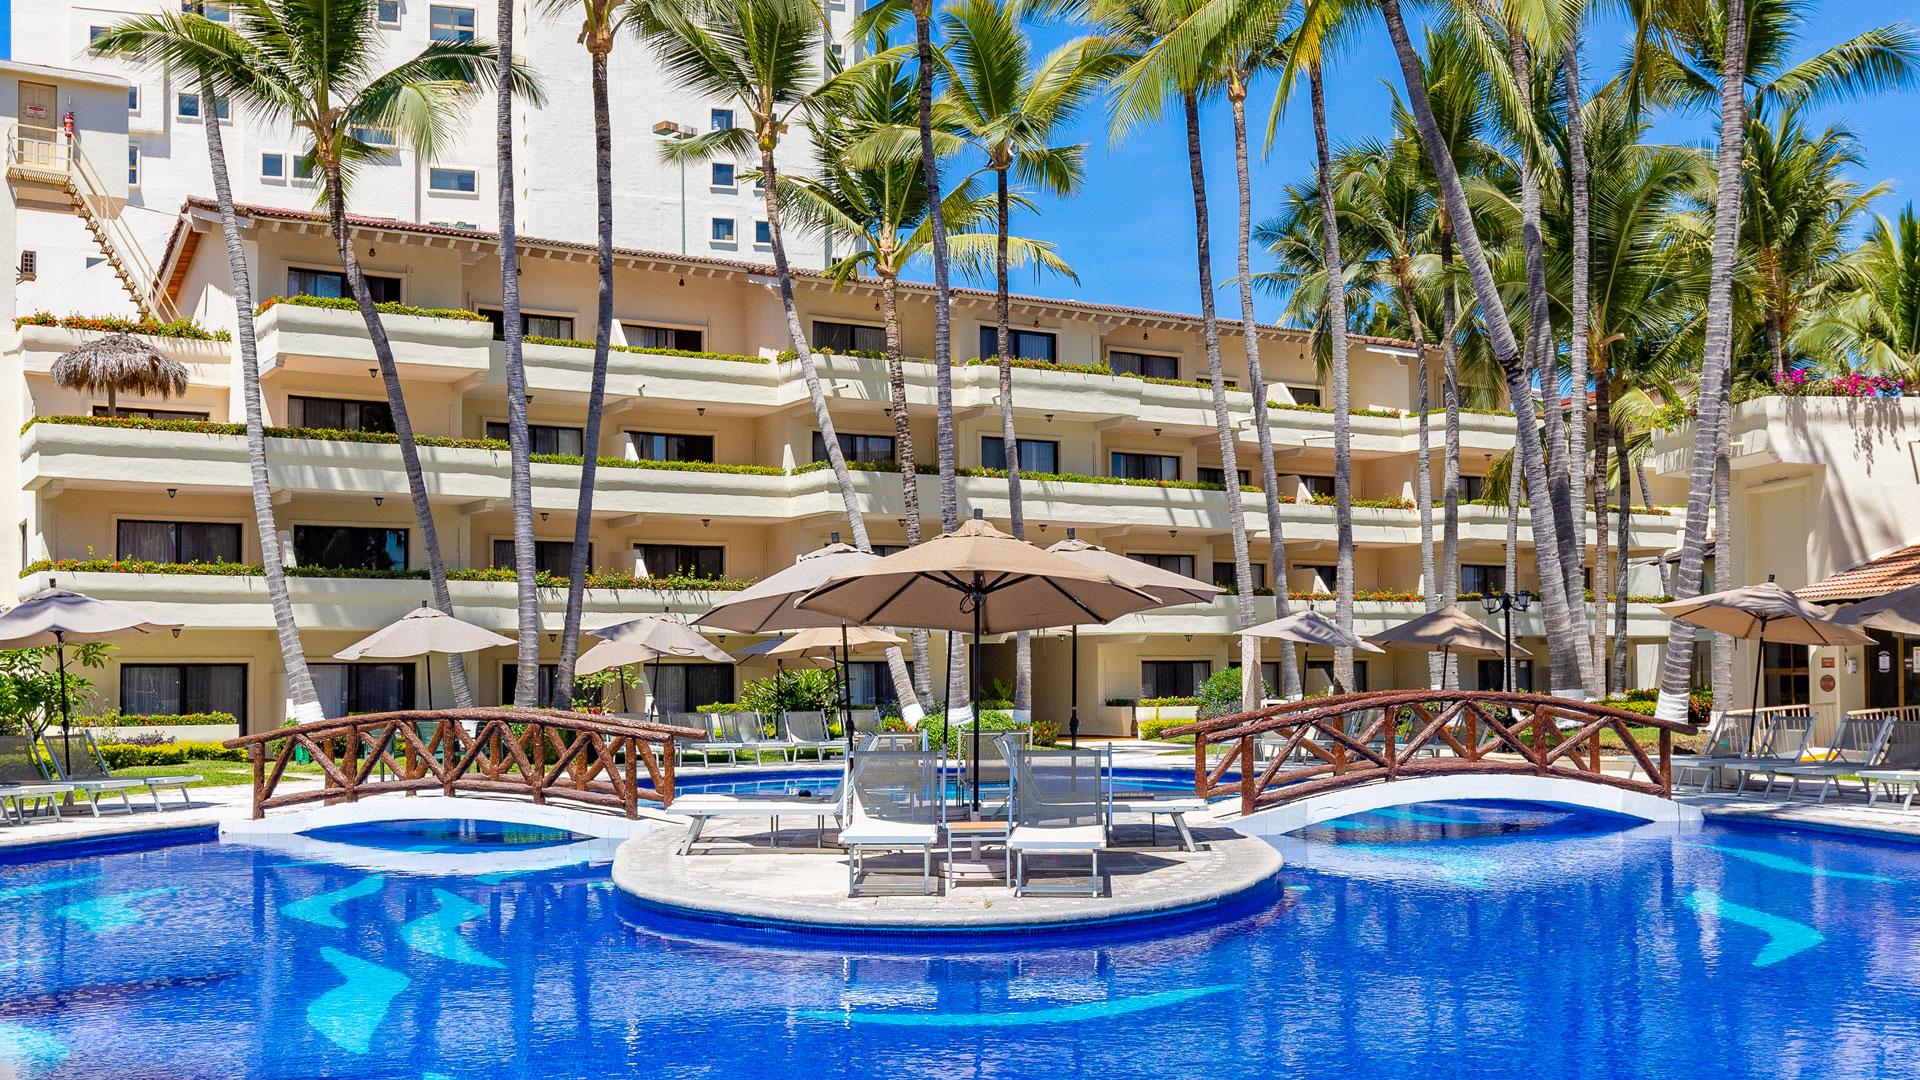 Villa del mar puerto vallarta pool 6